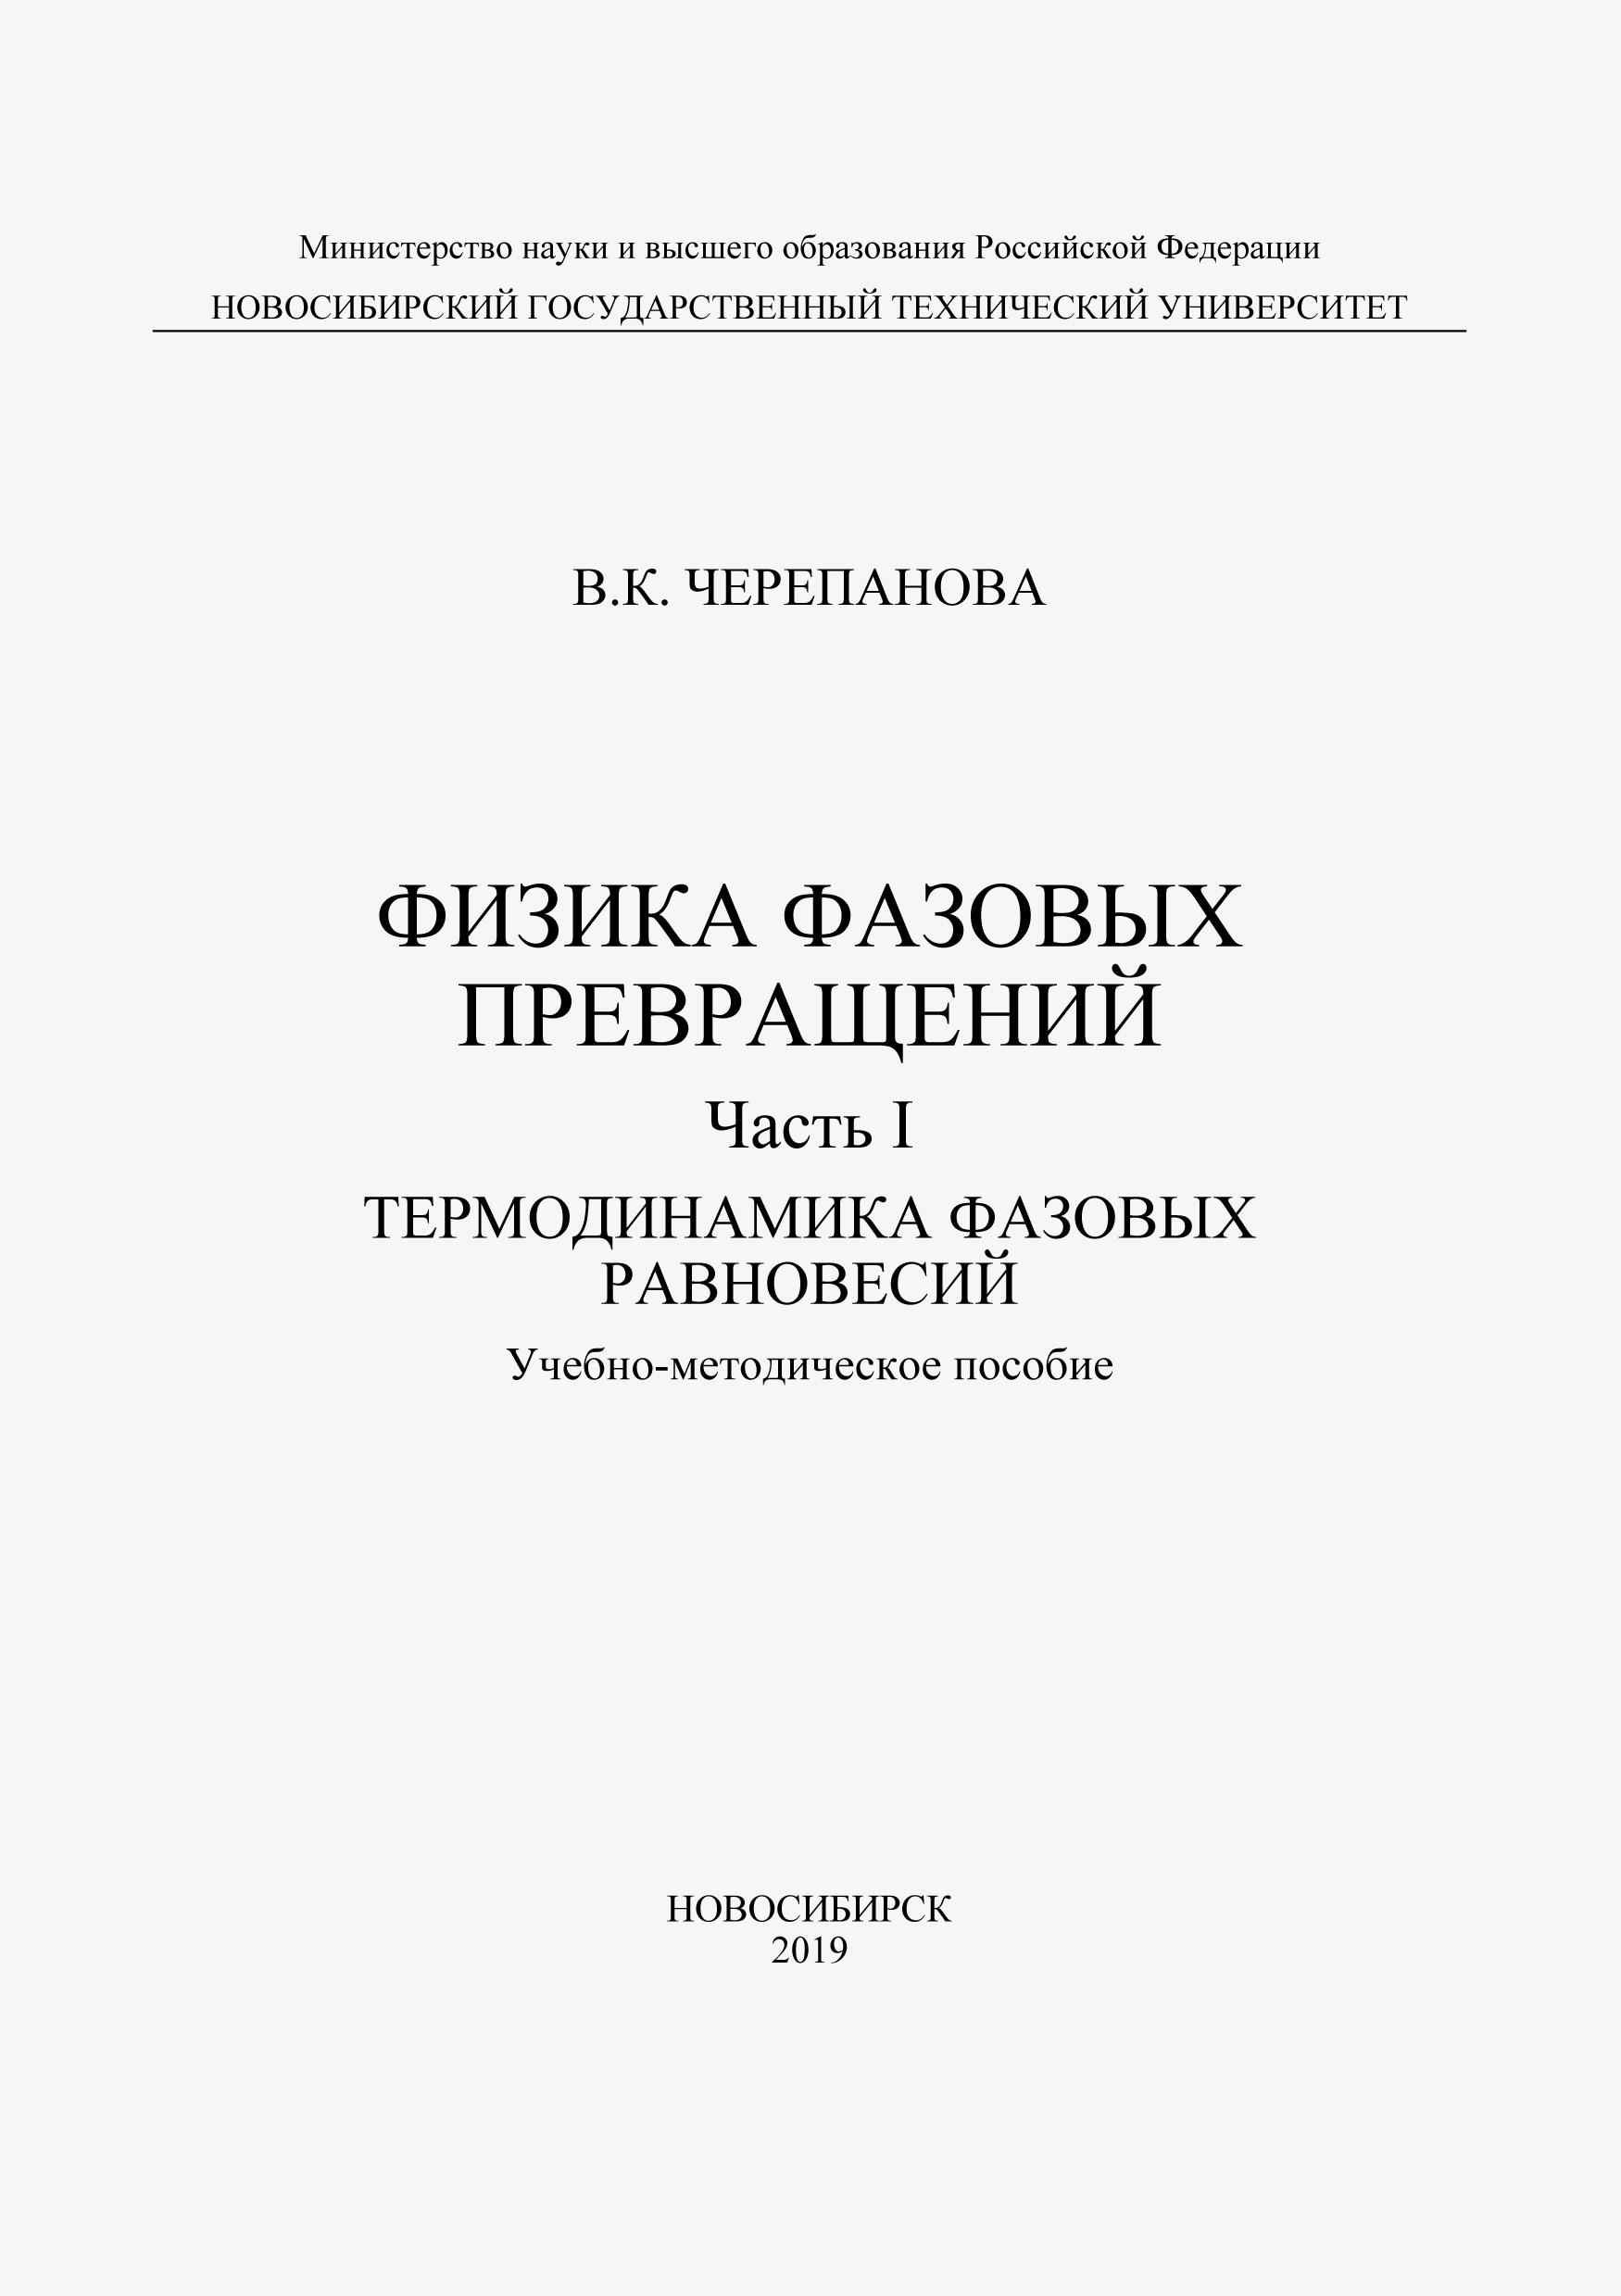 Купить книгу Физика фазовых превращений. Часть I. Термодинамика фазовых равновесий, автора Веры Черепановой